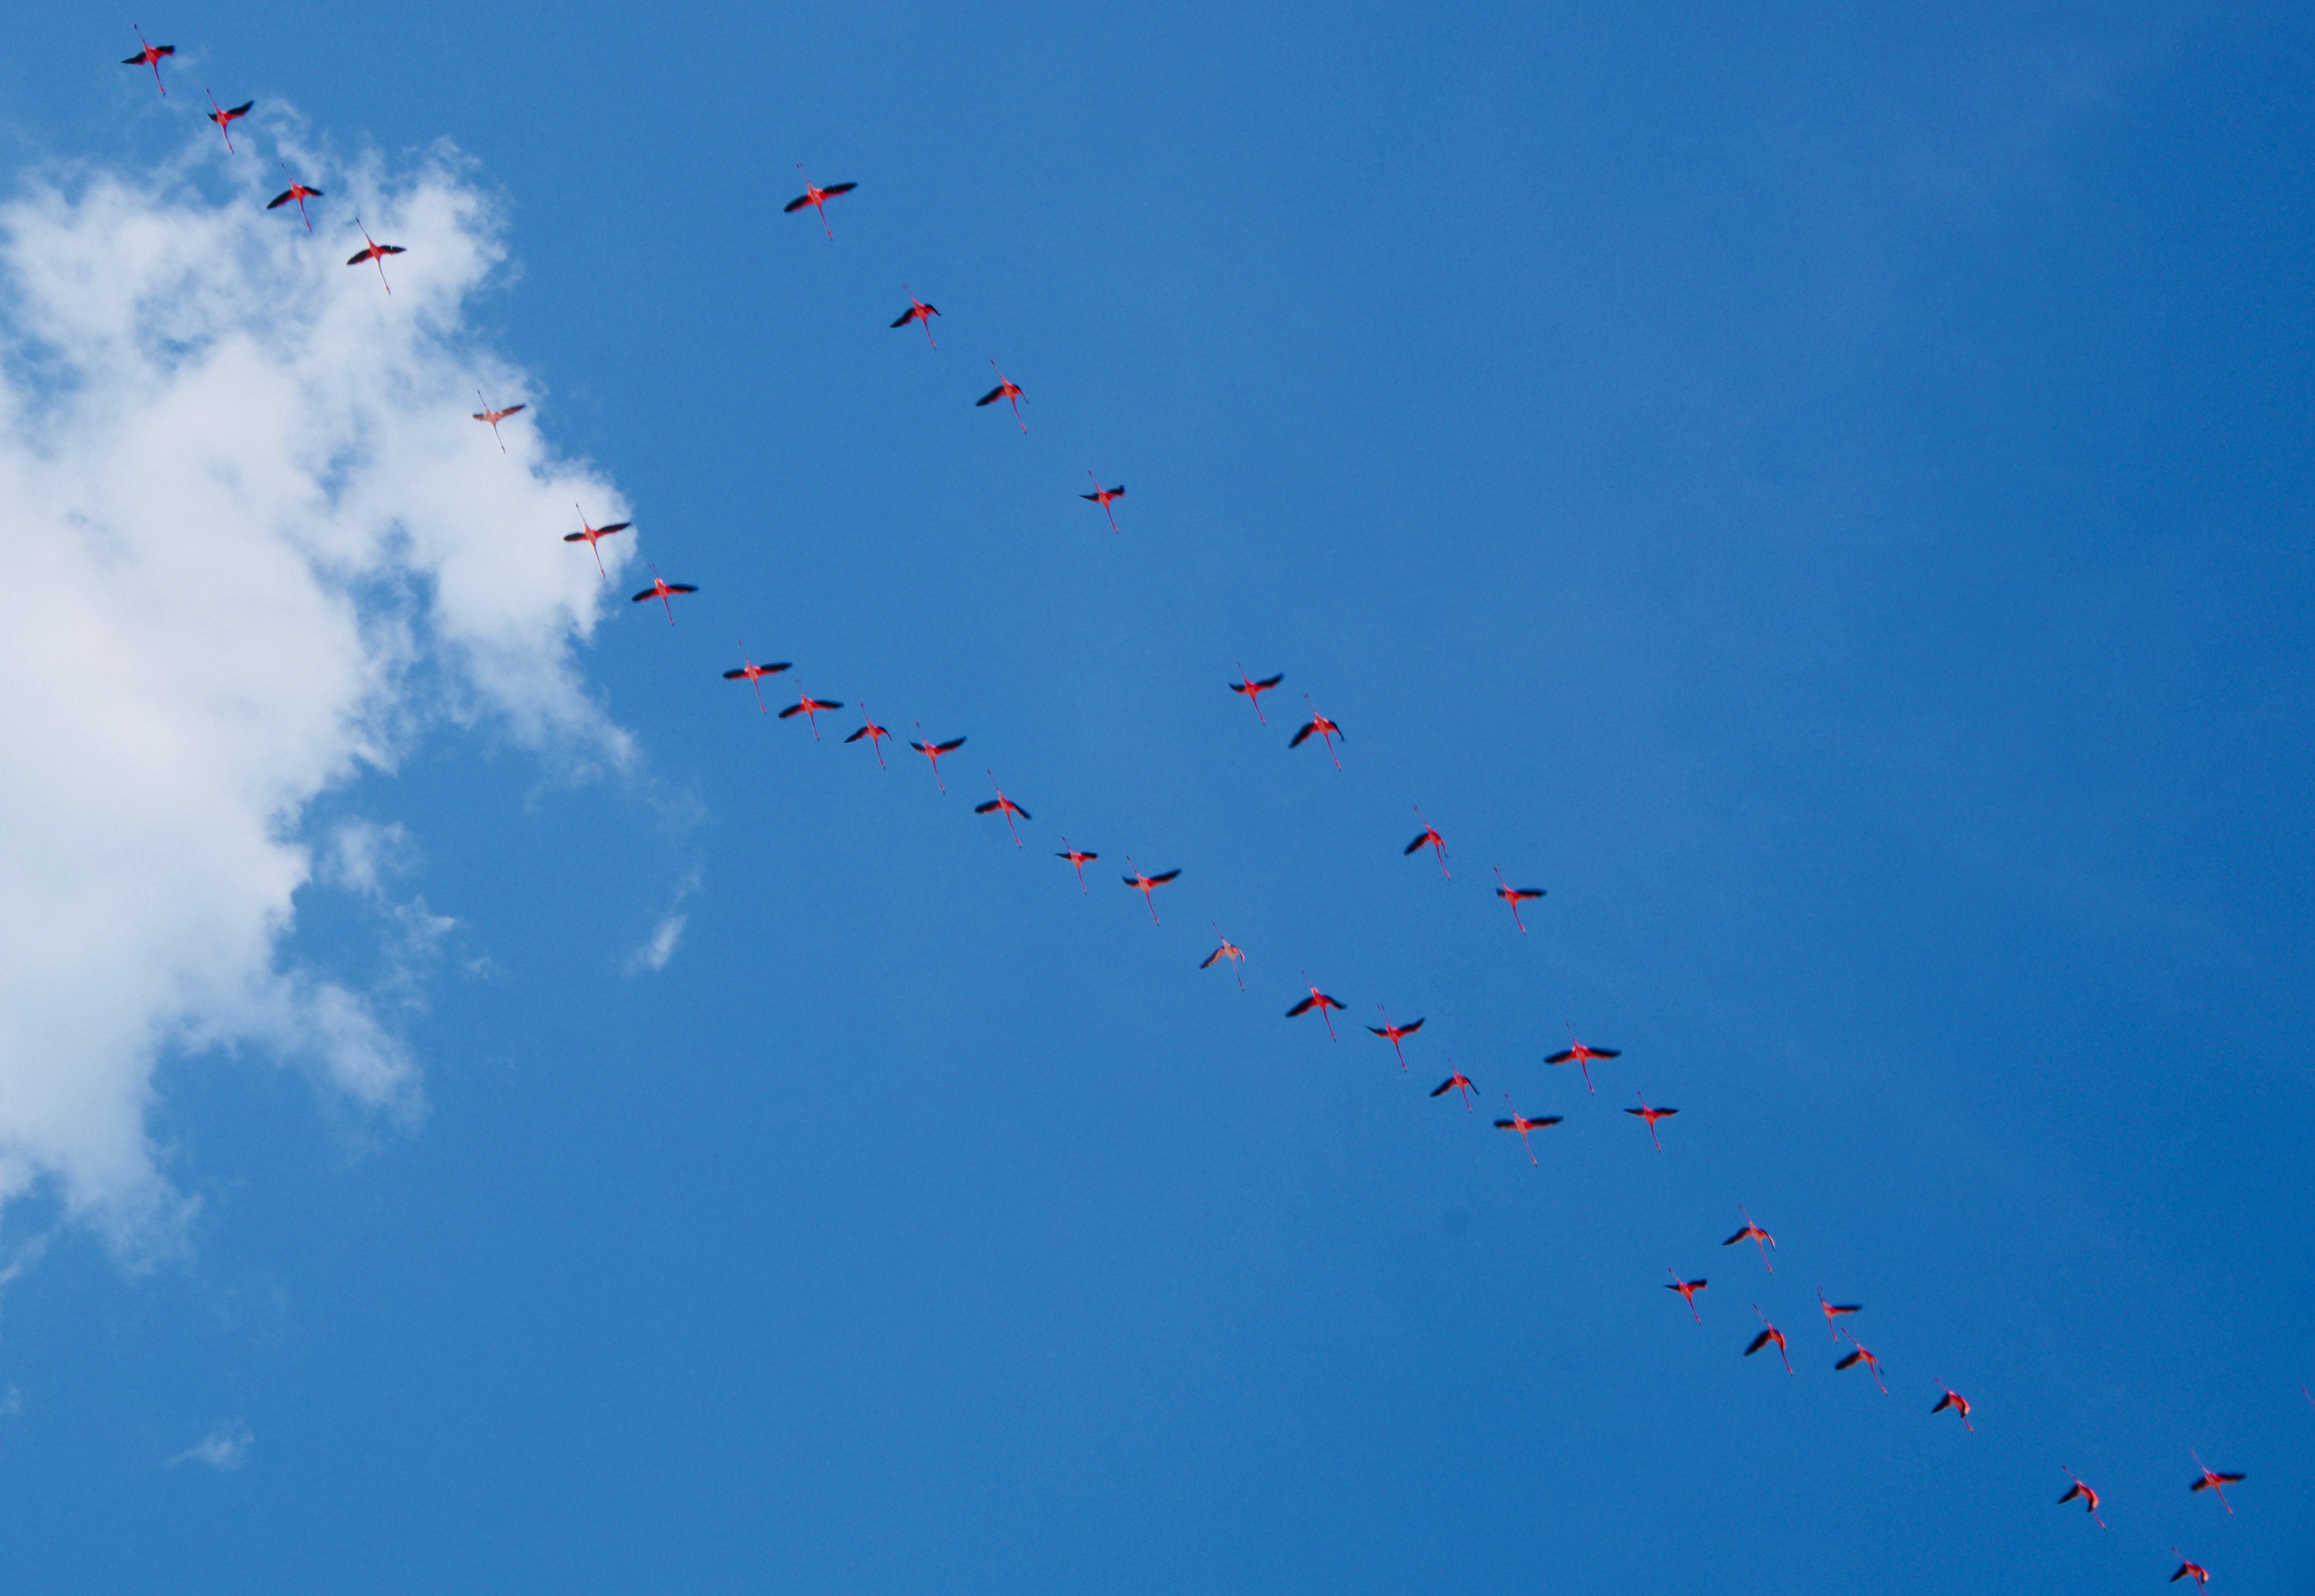 Sisal_Flamingos_Himmel - 1